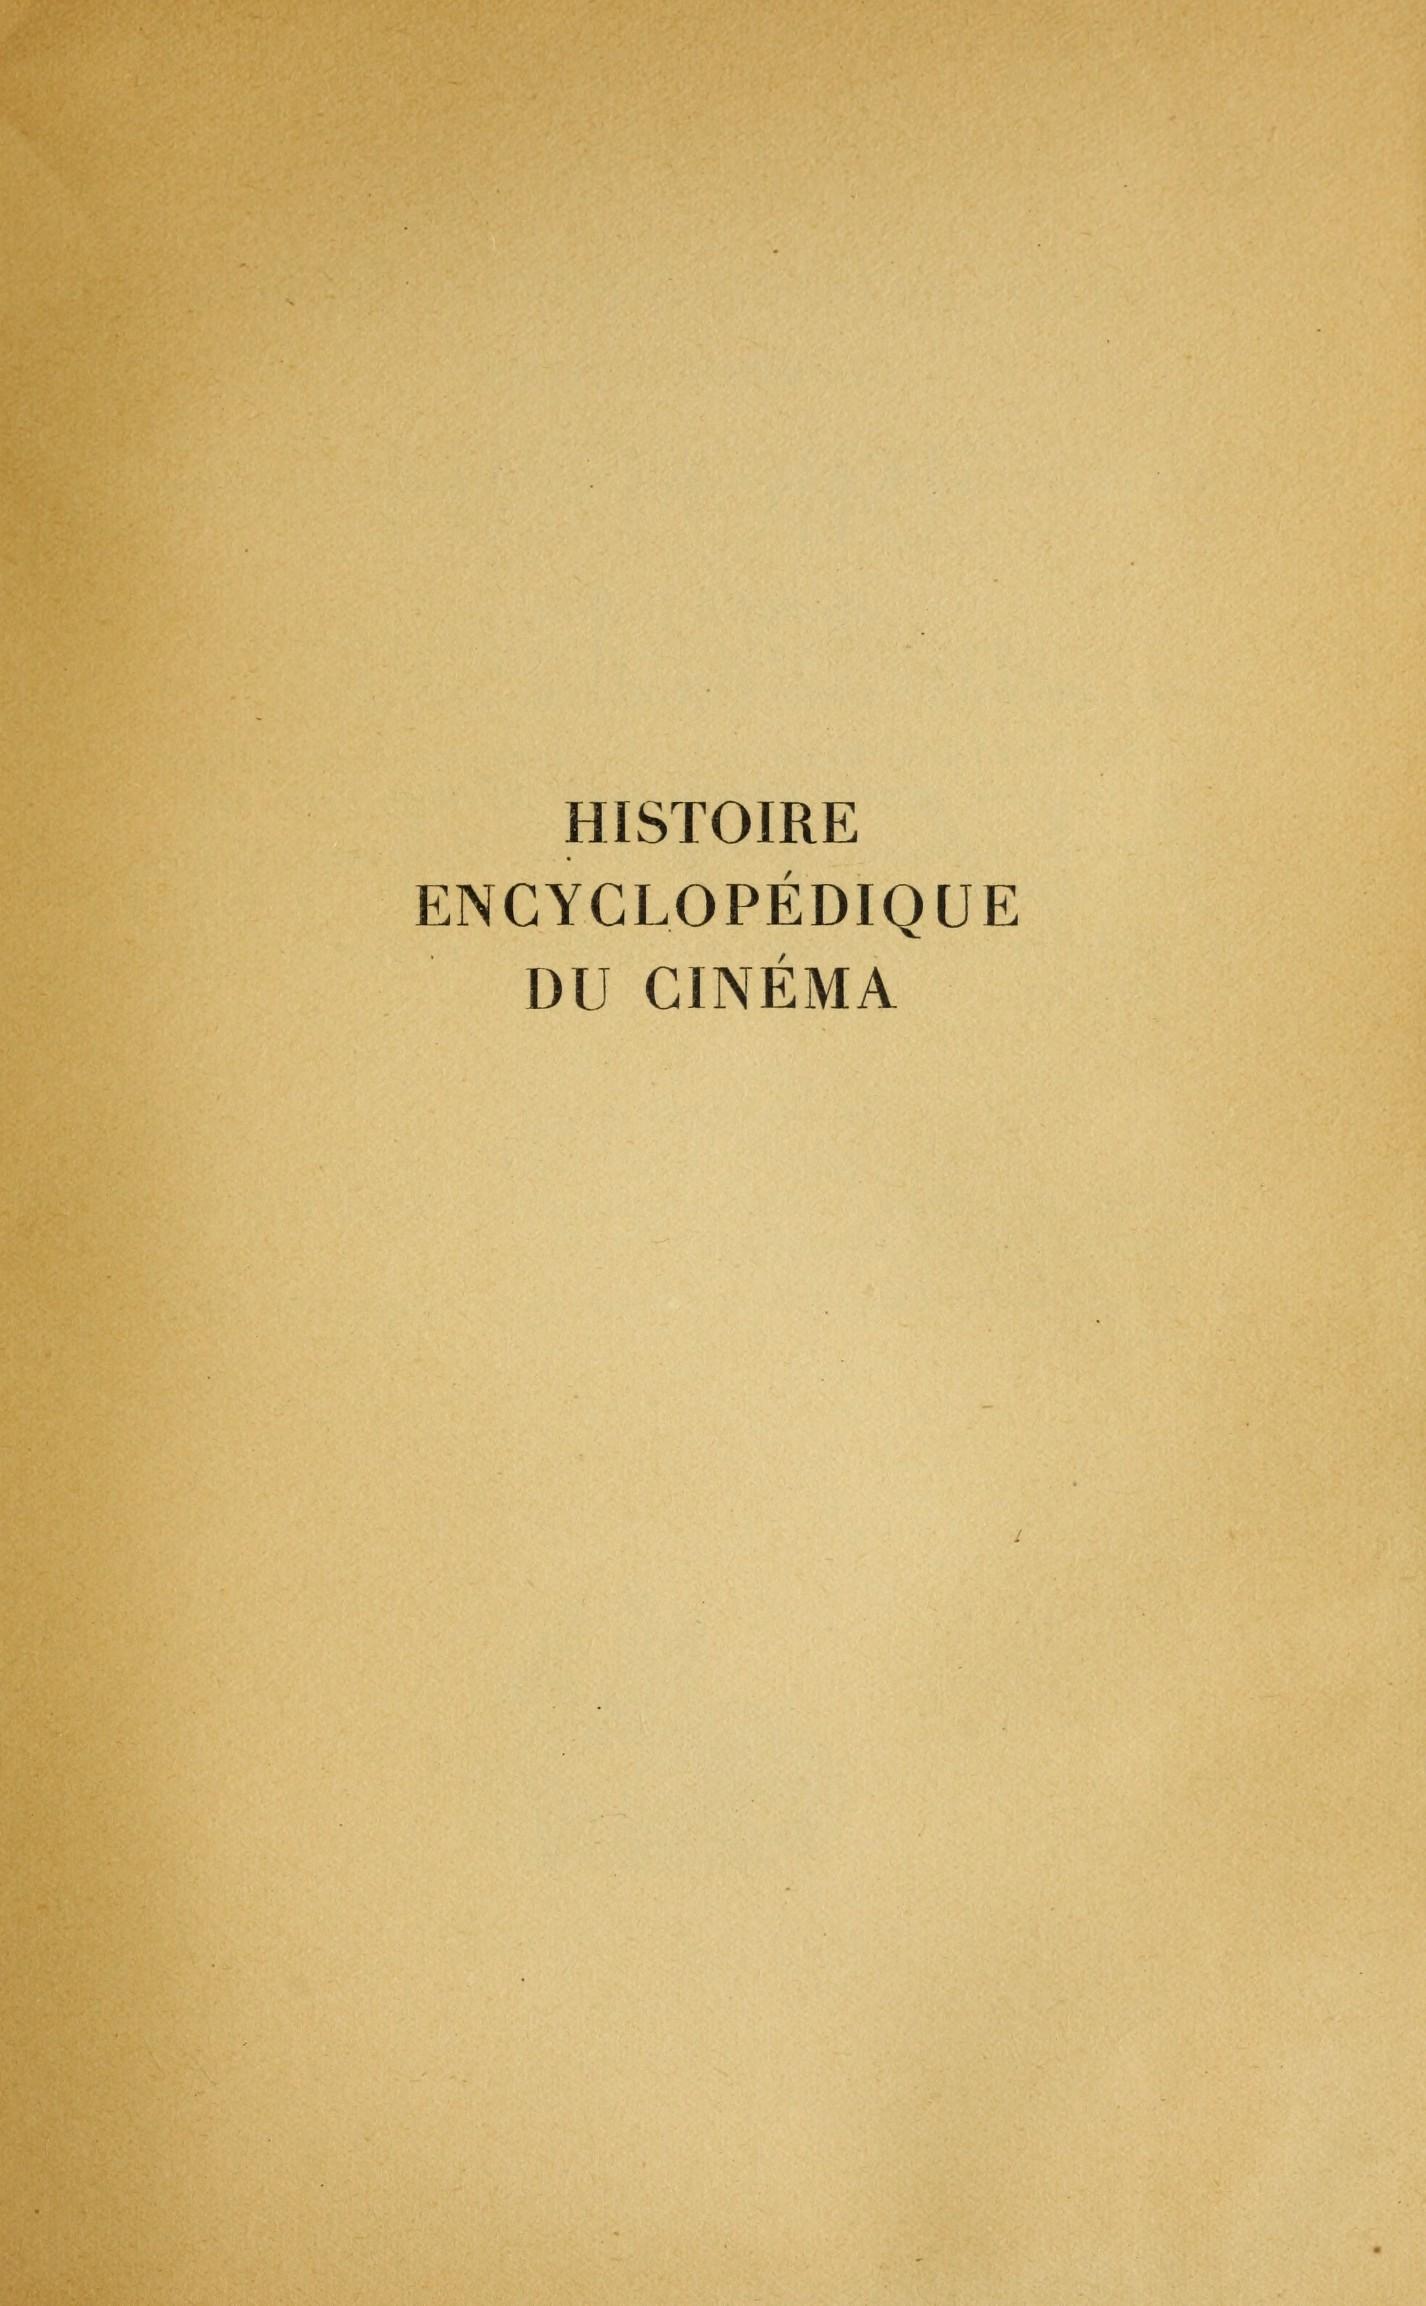 Histoireencyclop00jean_jp2.zip&file=histoireencyclop00jean_jp2%2fhistoireencyclop00jean_0005